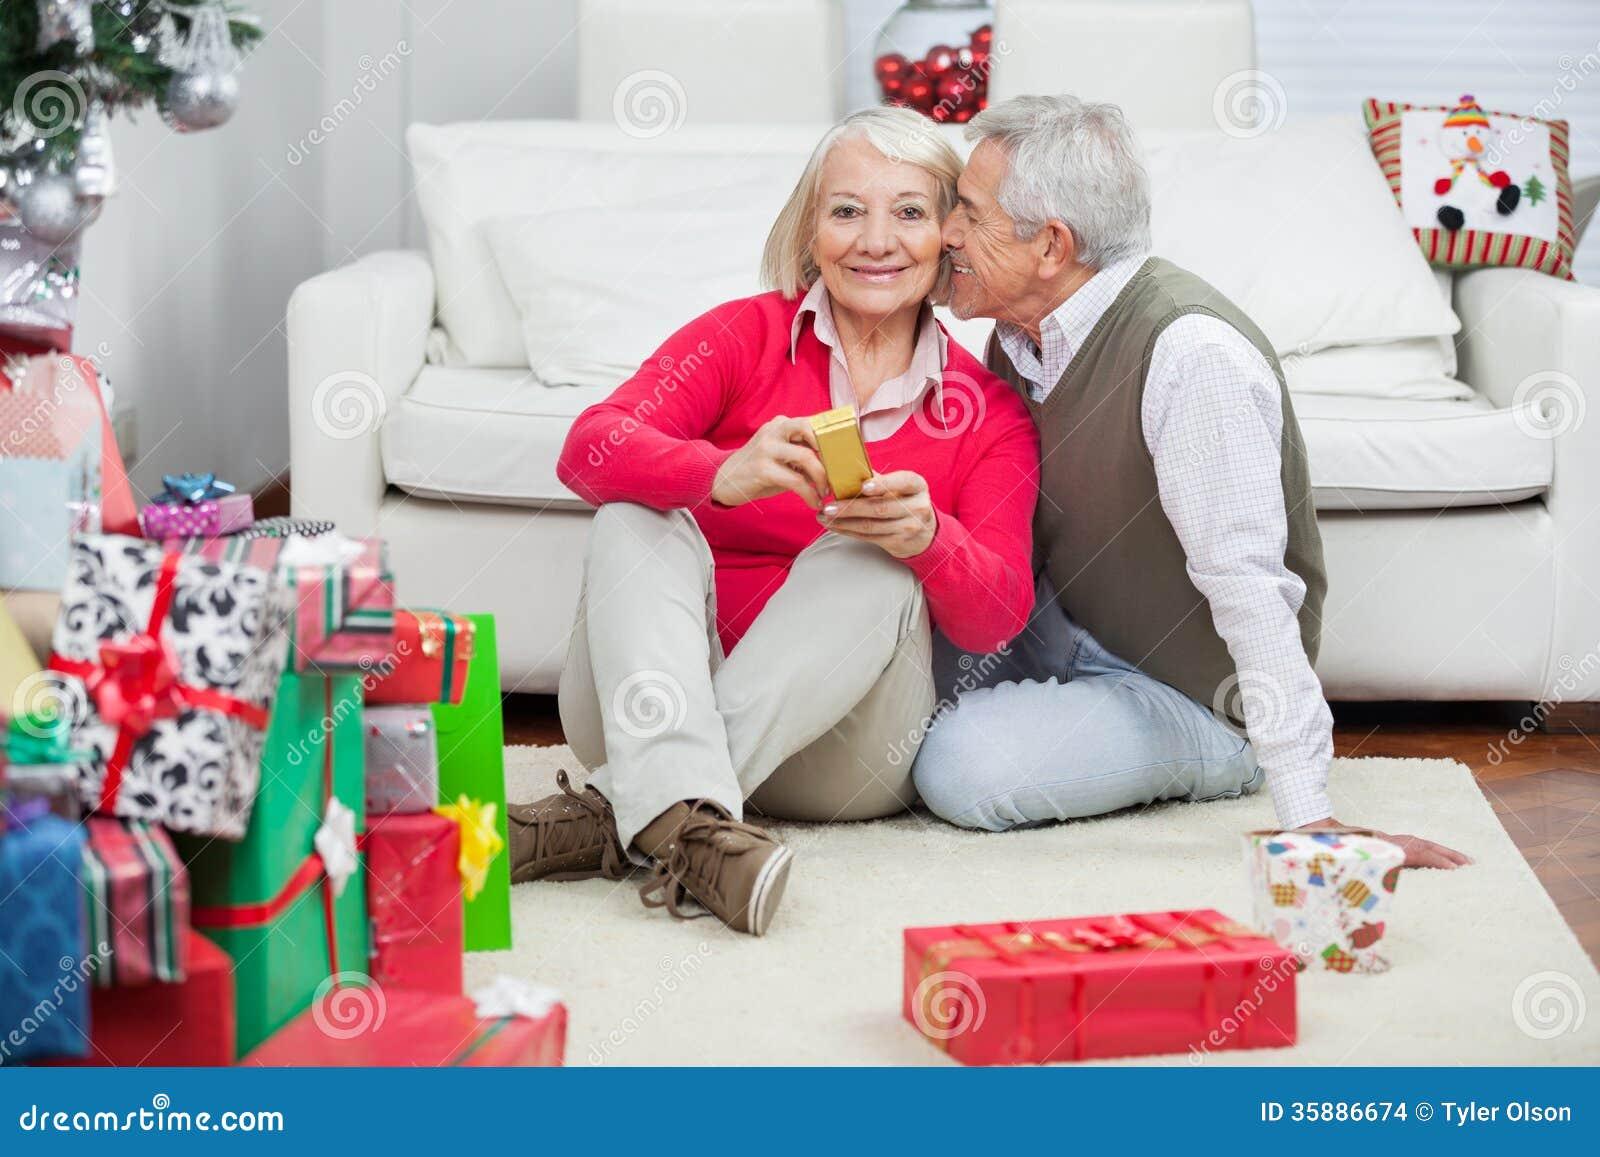 Frau, Die Weihnachtsgeschenk Während Mann Ungefähr Zu Hält Stockfoto ...